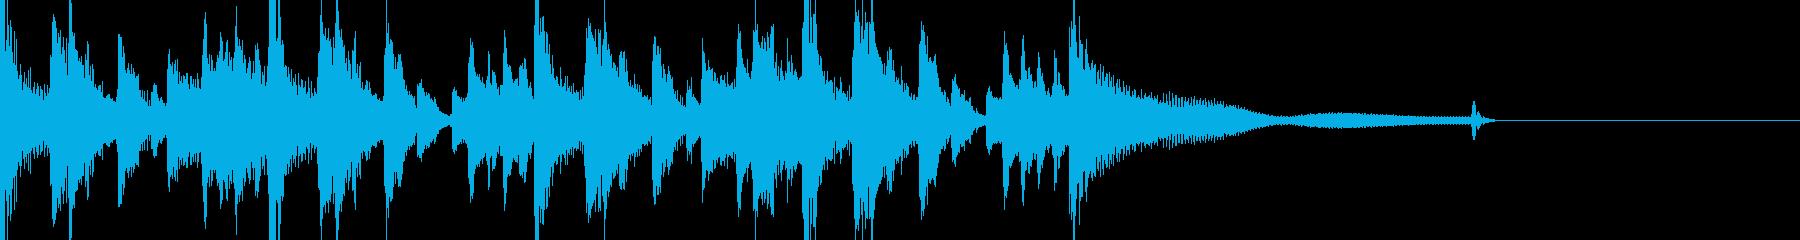 ジャズ風ジングル2 ブラスなしの再生済みの波形